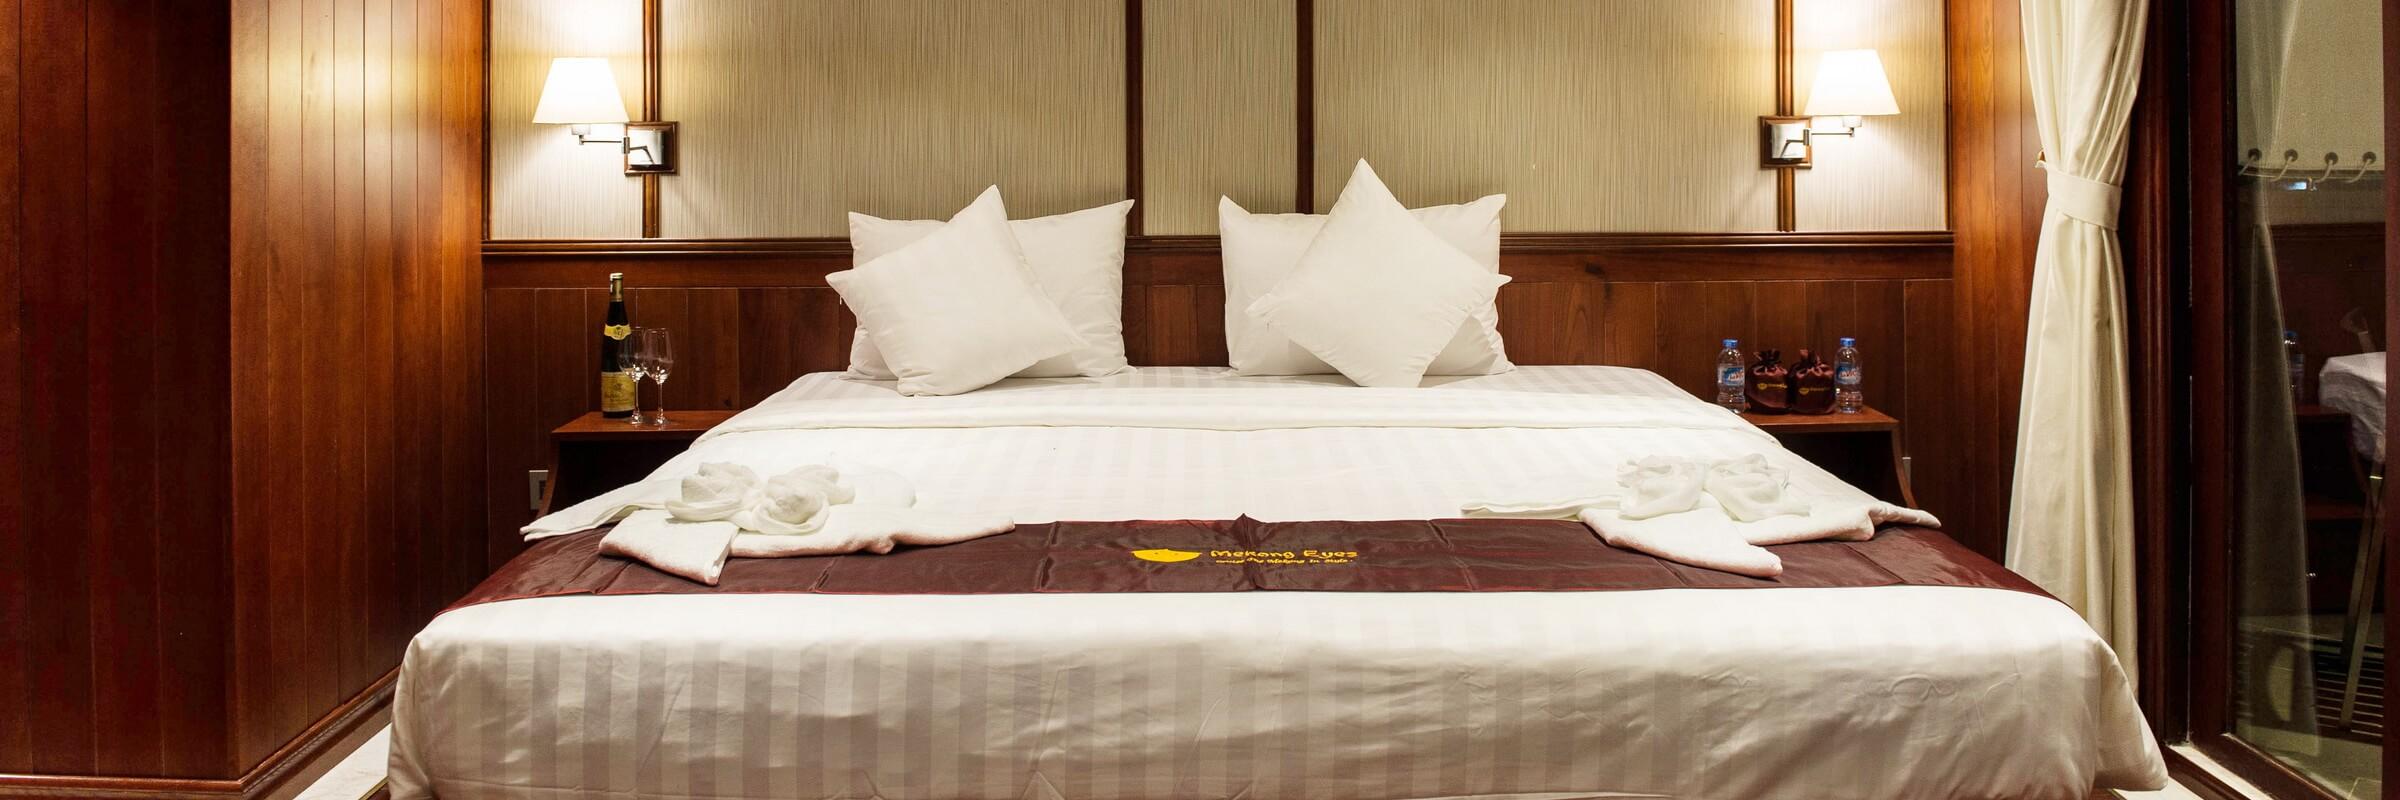 Auf dem Oberdeck der Mekong Eyes Explorer befinden sich vier Suite-Kabinen, die über private Balkone und einen Alkoven mit Tagesbett und Panoramafenster verfügen.